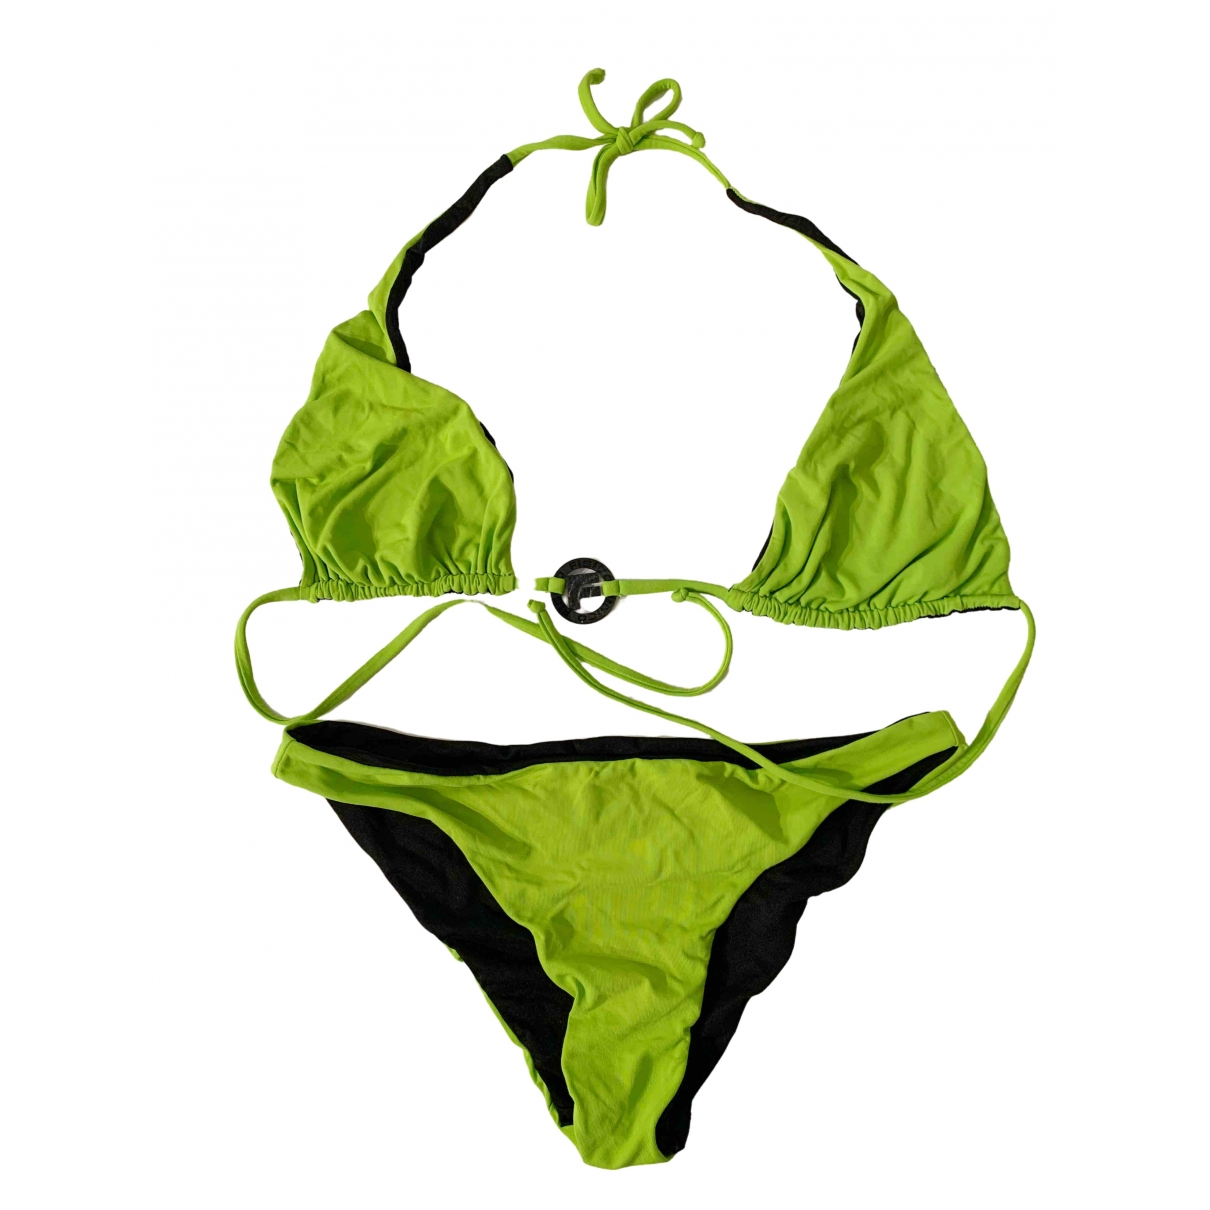 Bikini Non Signe / Unsigned